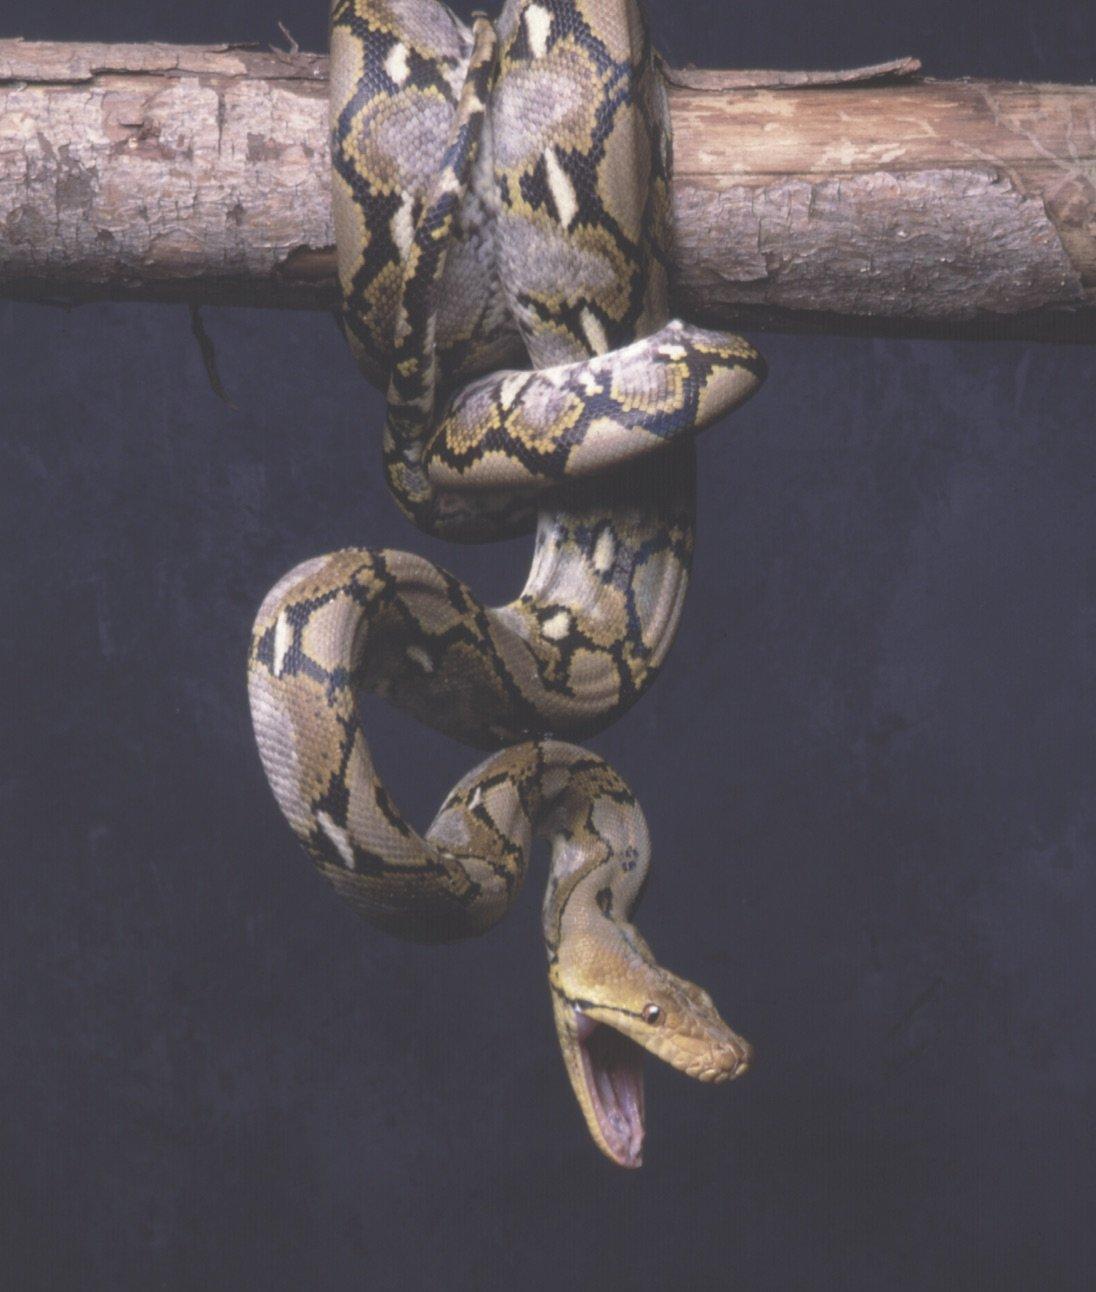 Striking snake. Photo Animal Ark